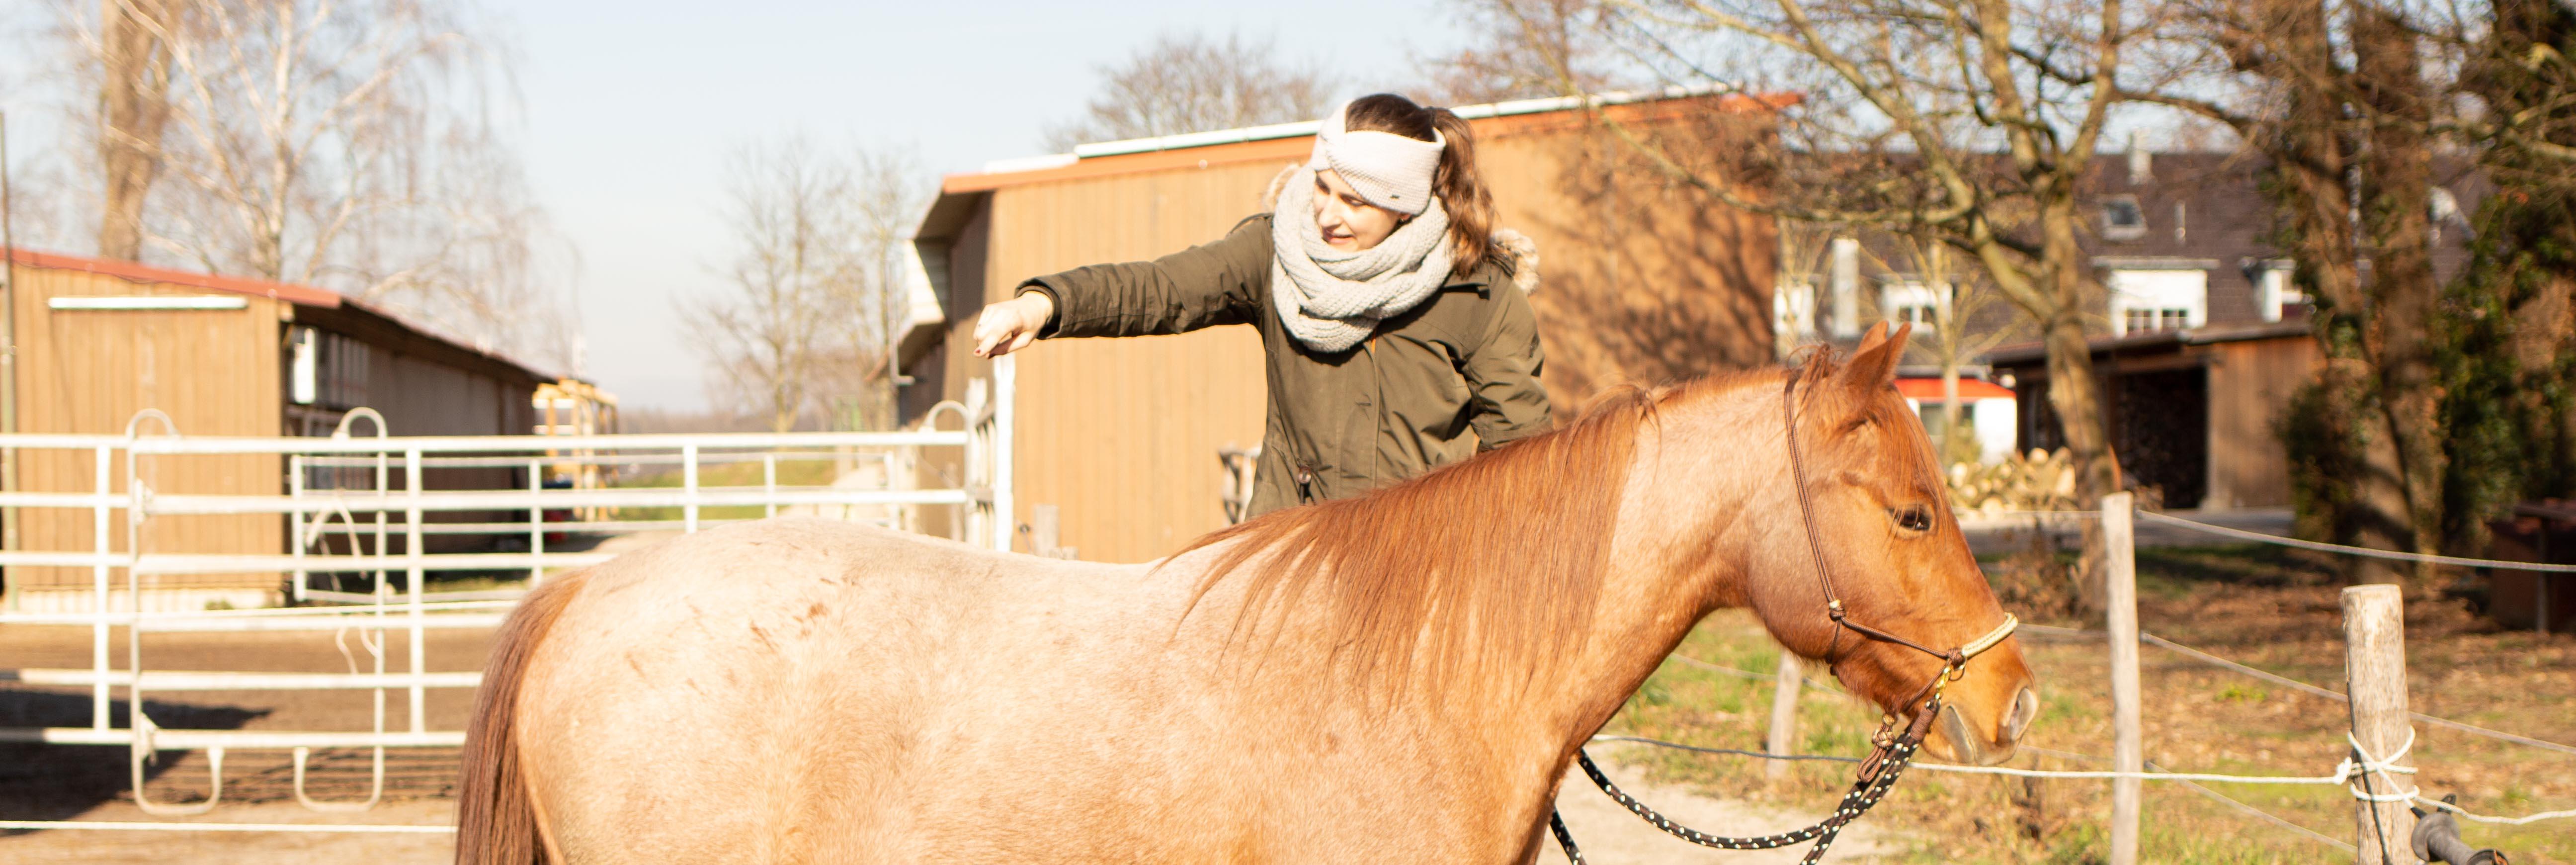 Aufsteigen EInparken Pferd CArey